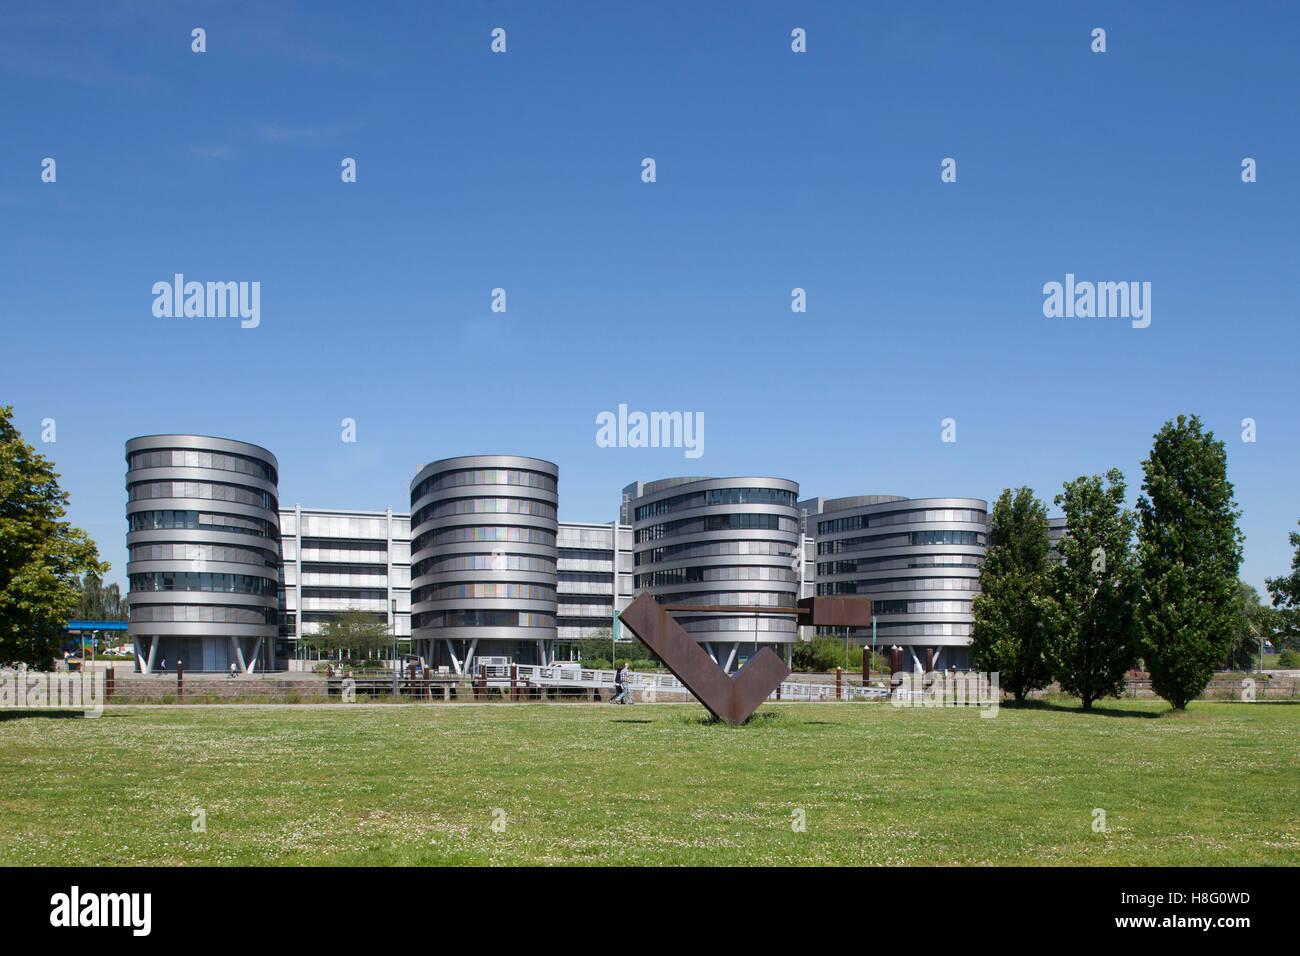 Garten der Erinnerung by Dani Karavan and office building '5 Boats', inner harbour, Duisburg, Ruhr area, - Stock Image